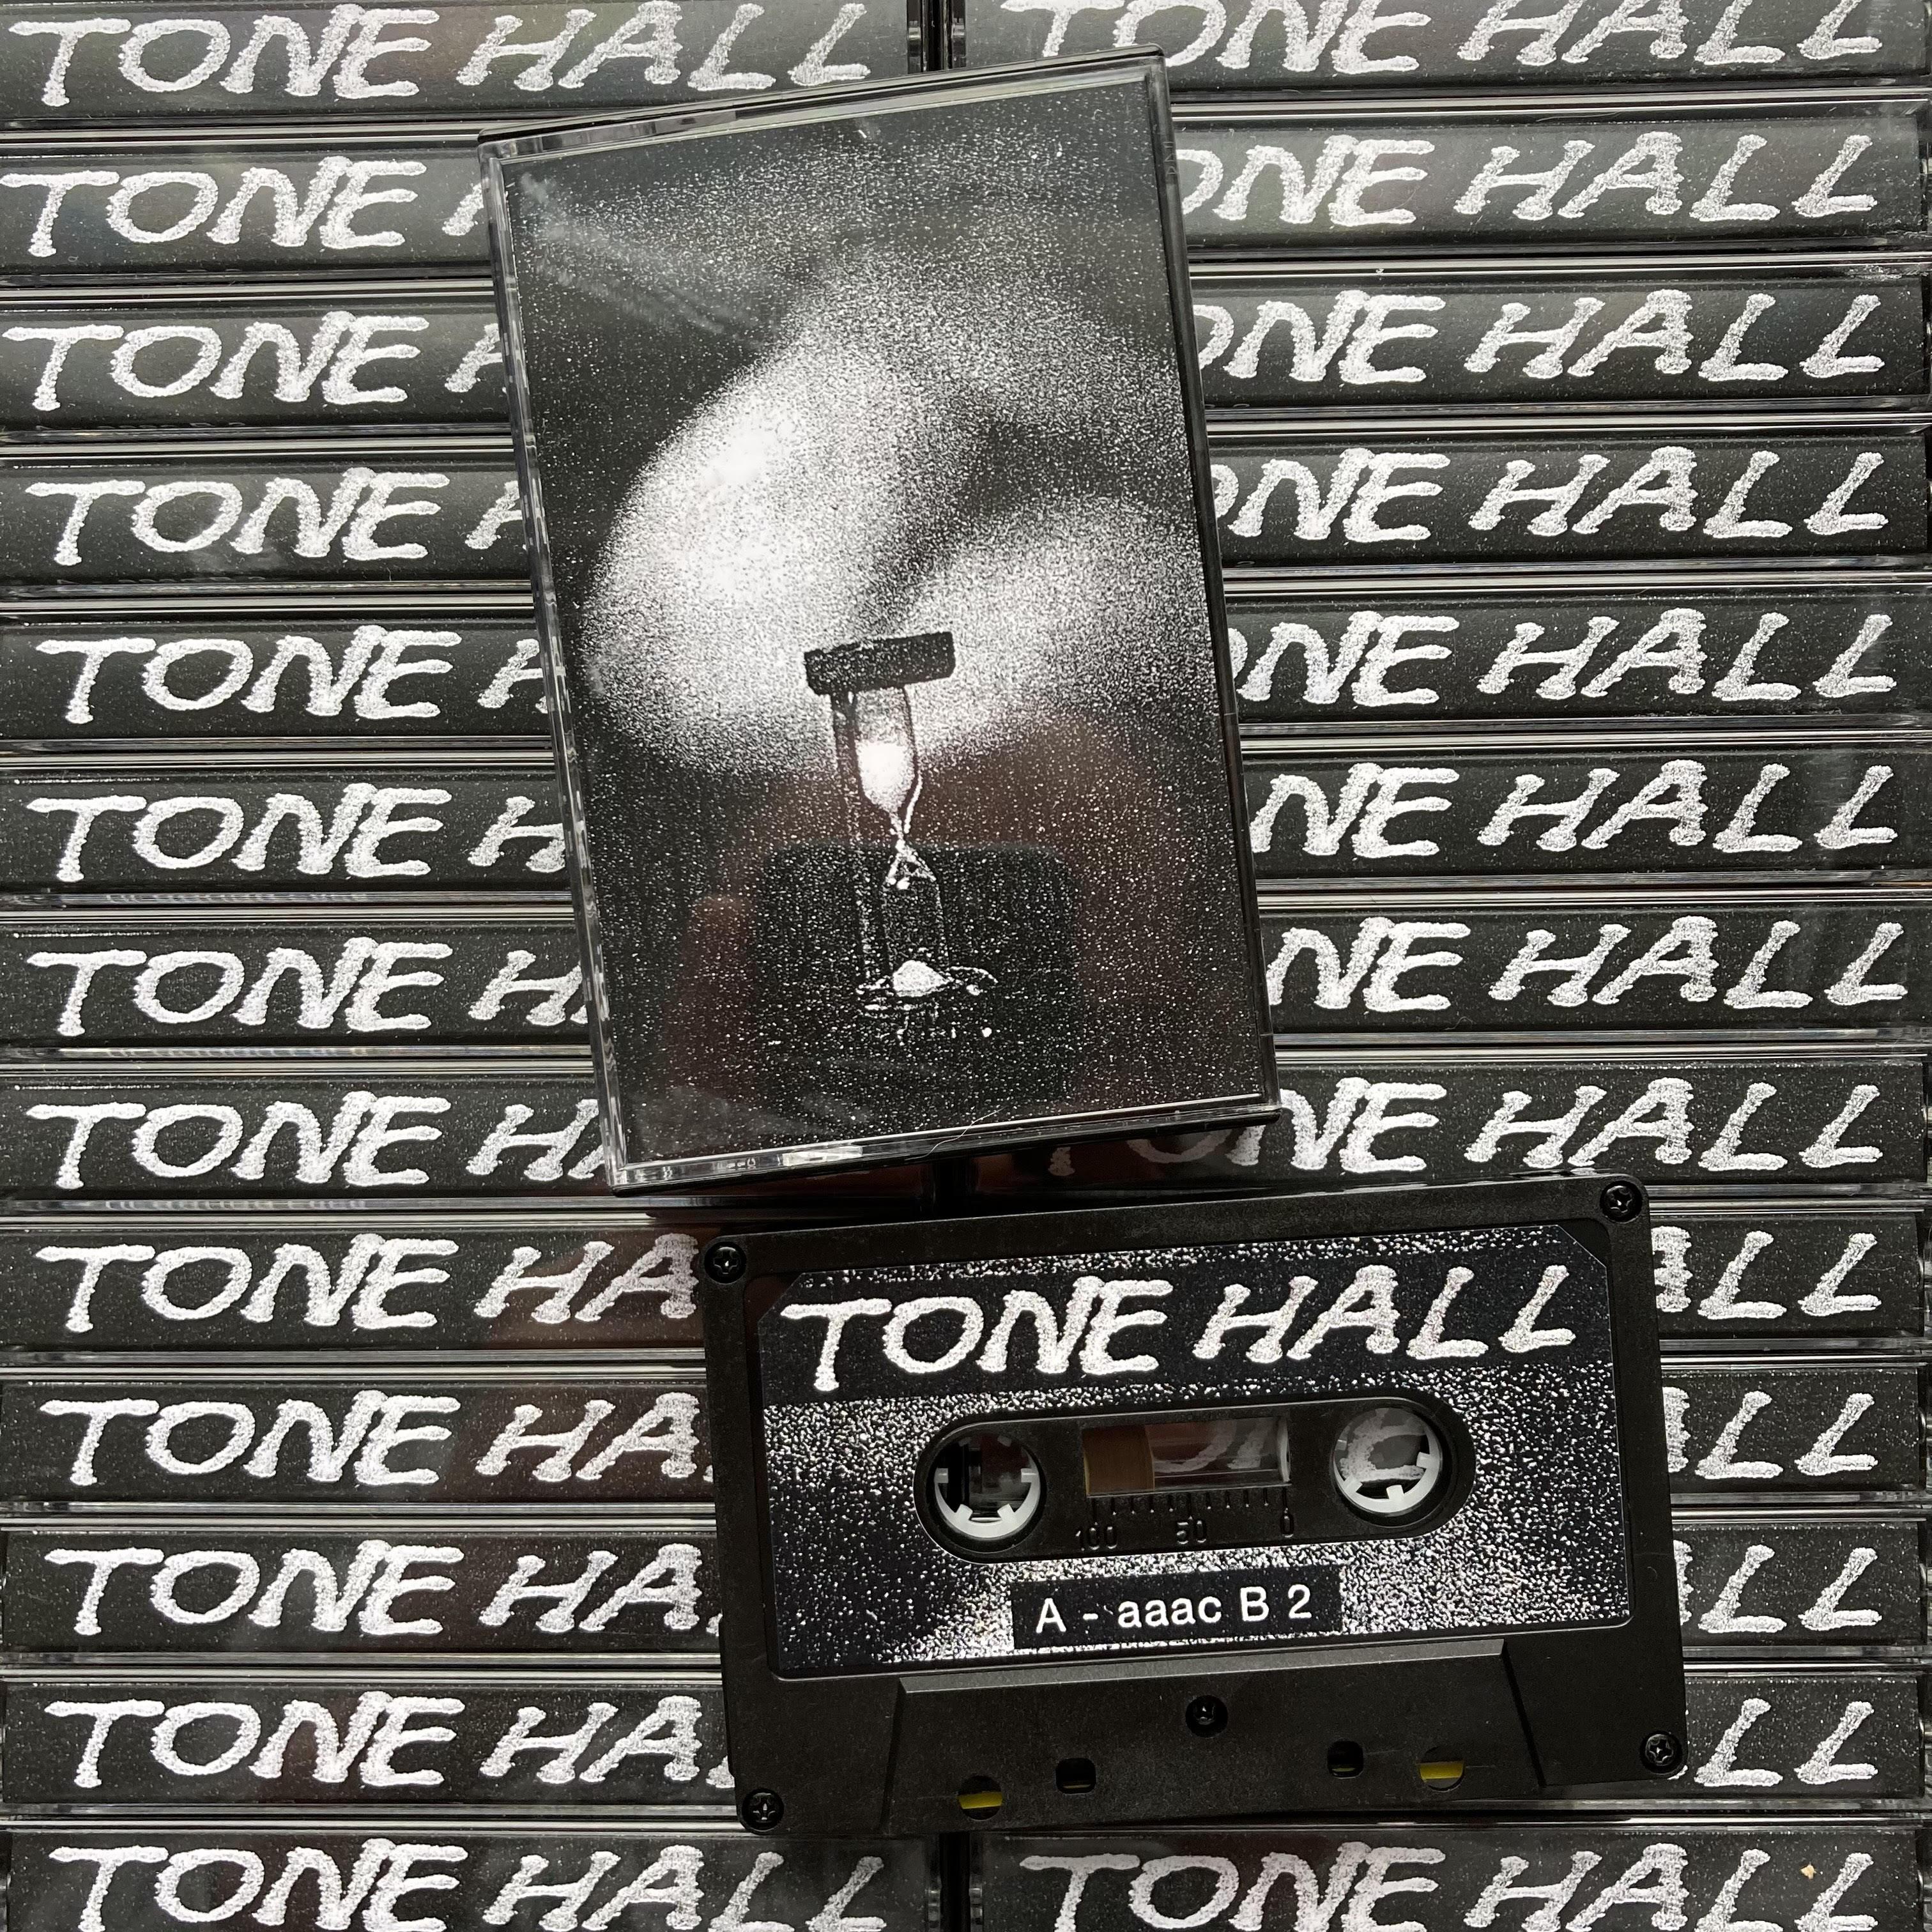 TONEHOLE - Tone Hall CS